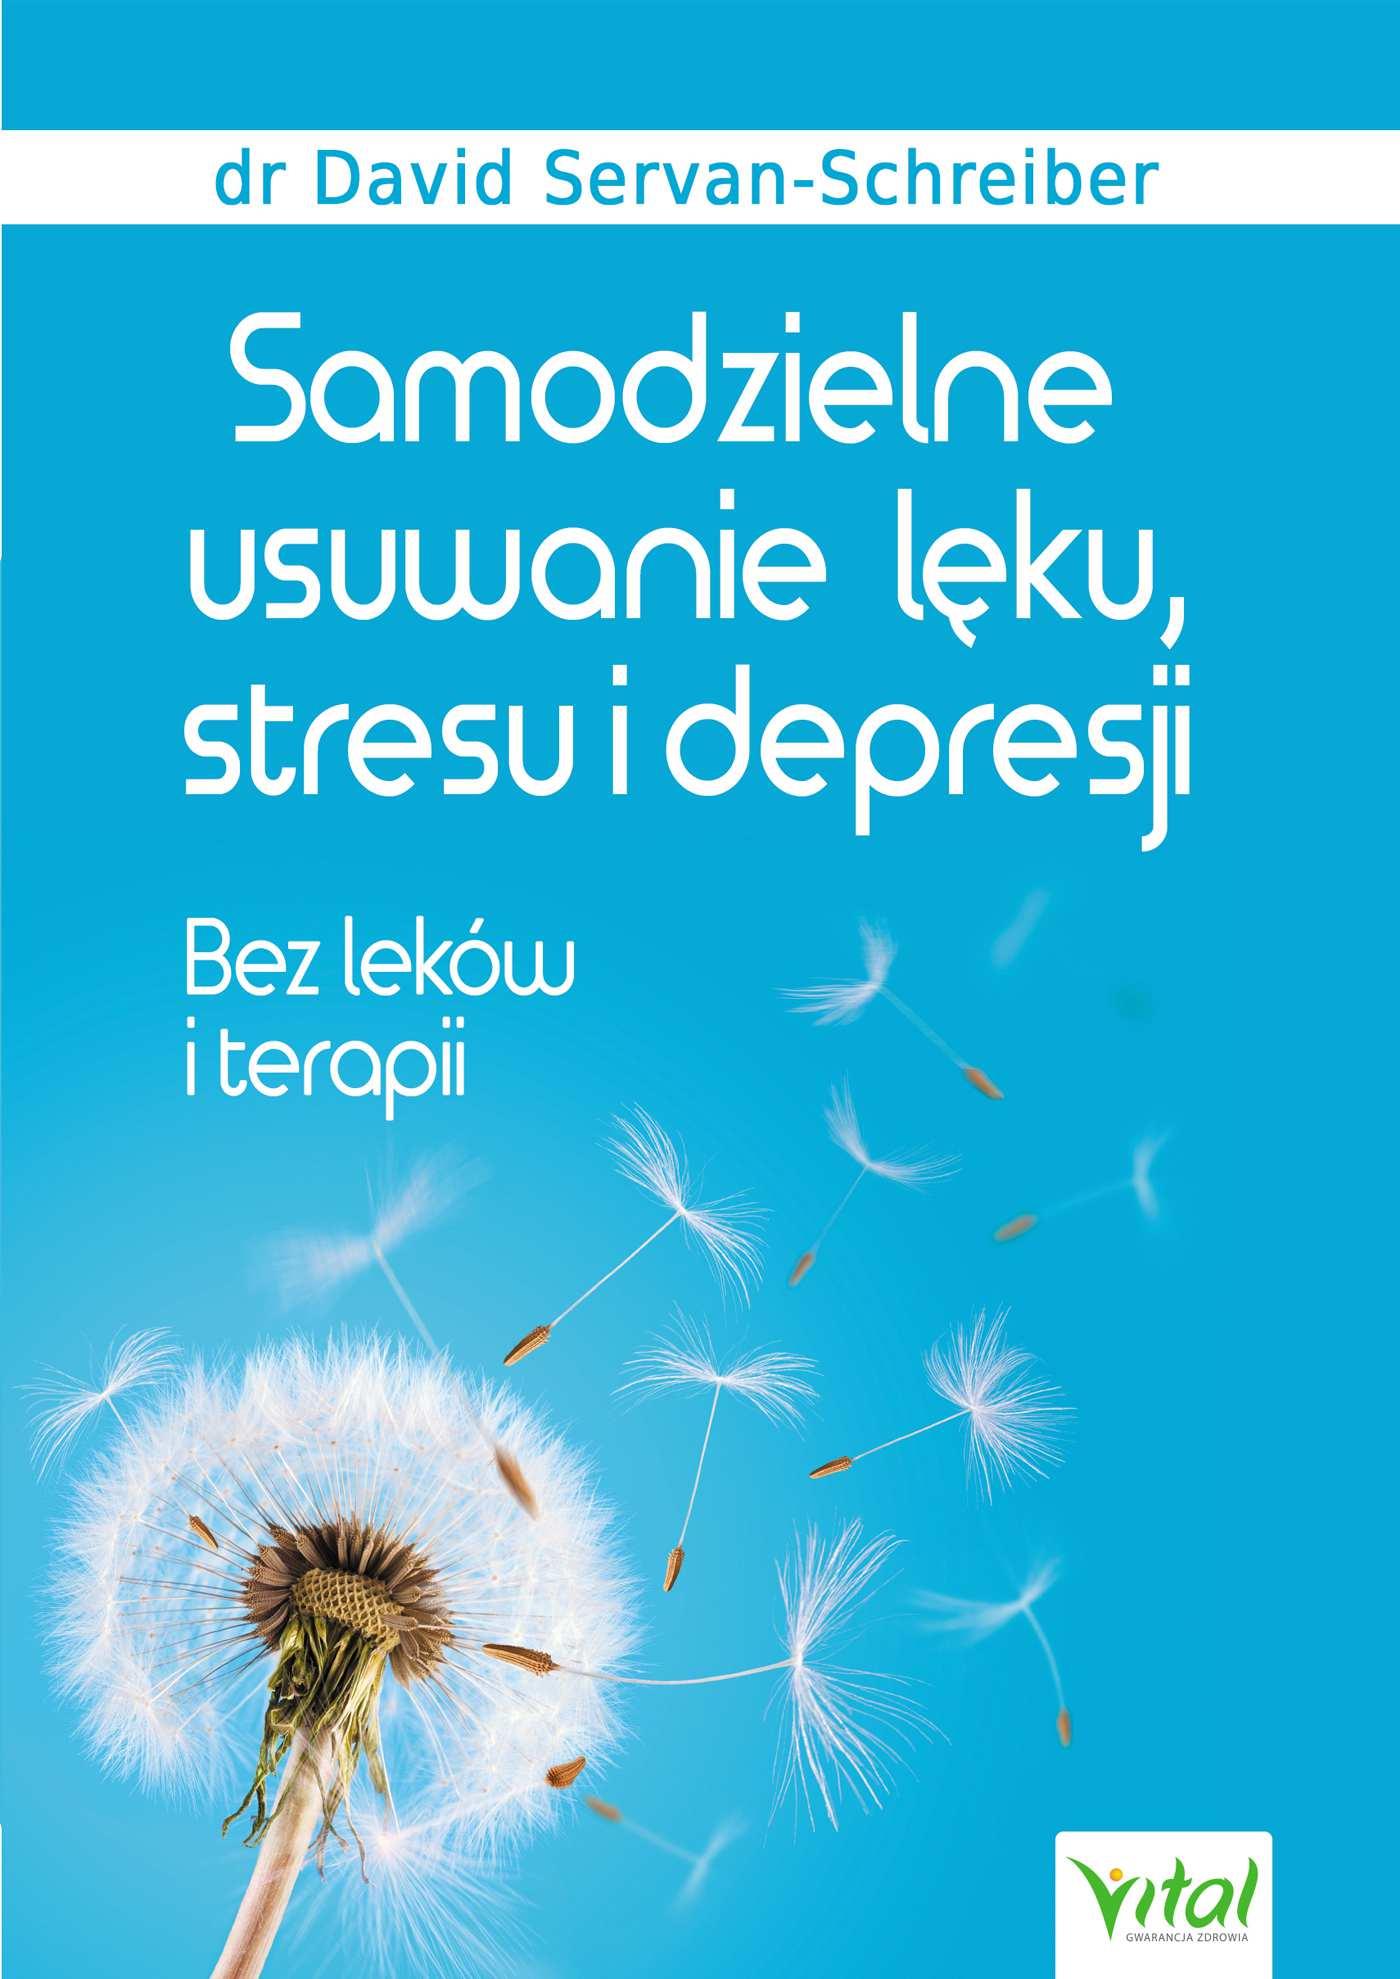 Samodzielne usuwanie lęku, stresu i depresji. Bez leków i terapii - Ebook (Książka na Kindle) do pobrania w formacie MOBI